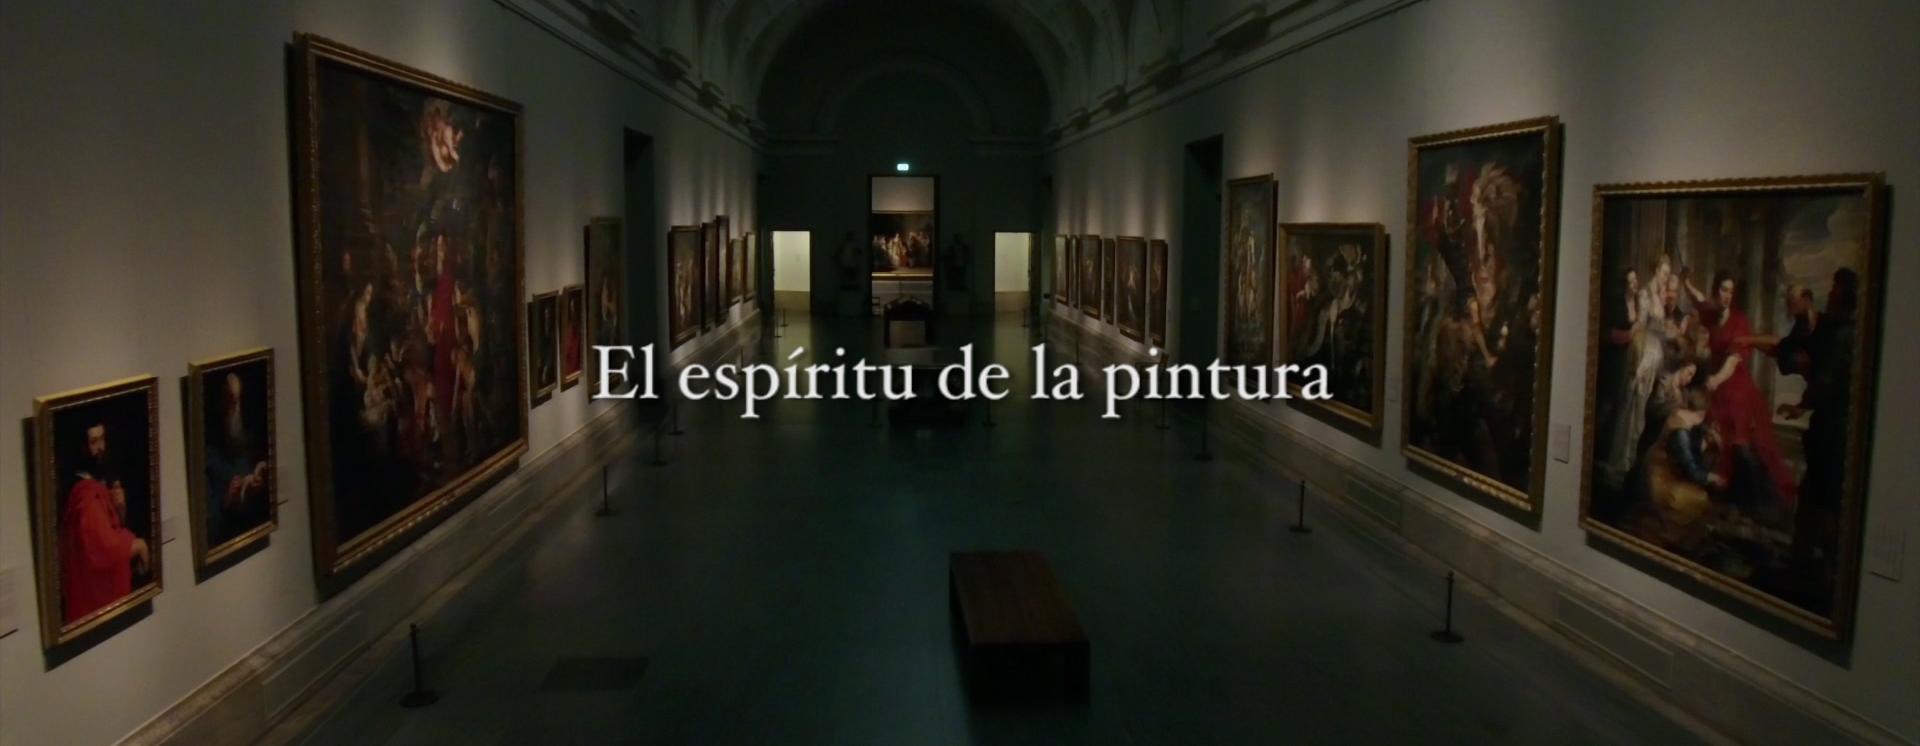 El-Espíritu_de_la_pintura_Antaviana